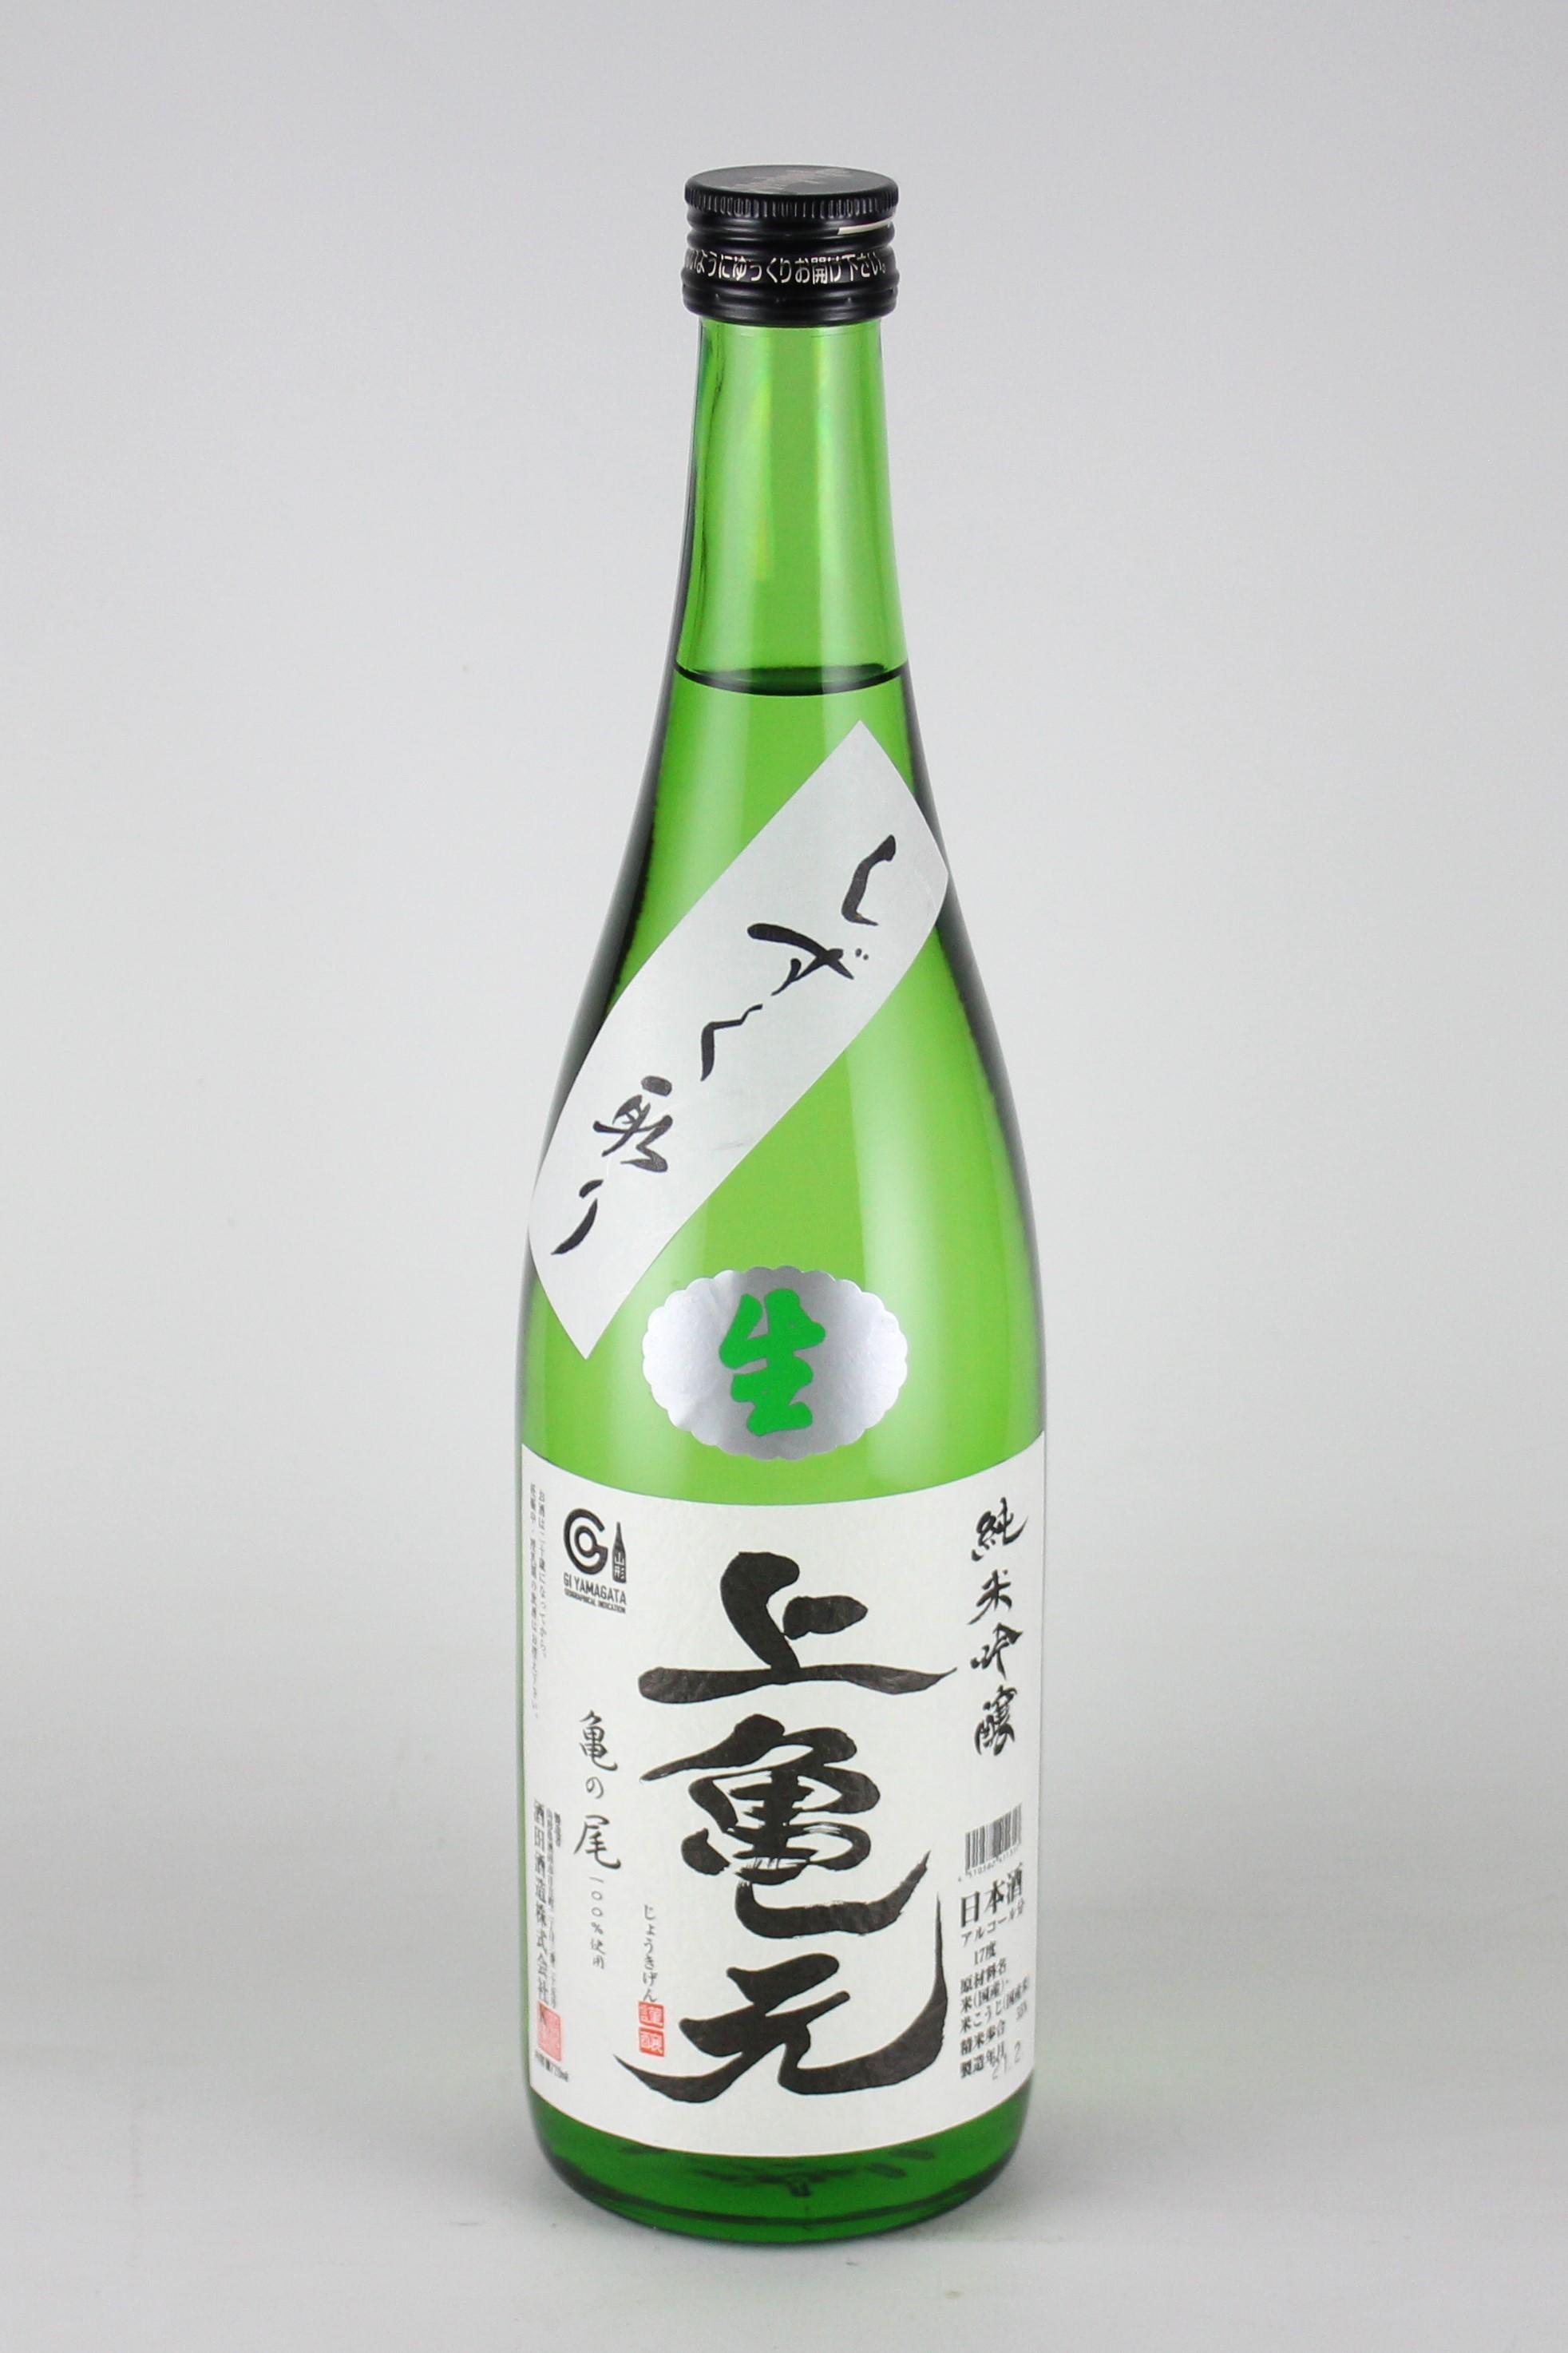 上喜元 「上亀元」 純米吟醸生原酒しずく取り 亀の尾 720ml 【山形/酒田酒造】